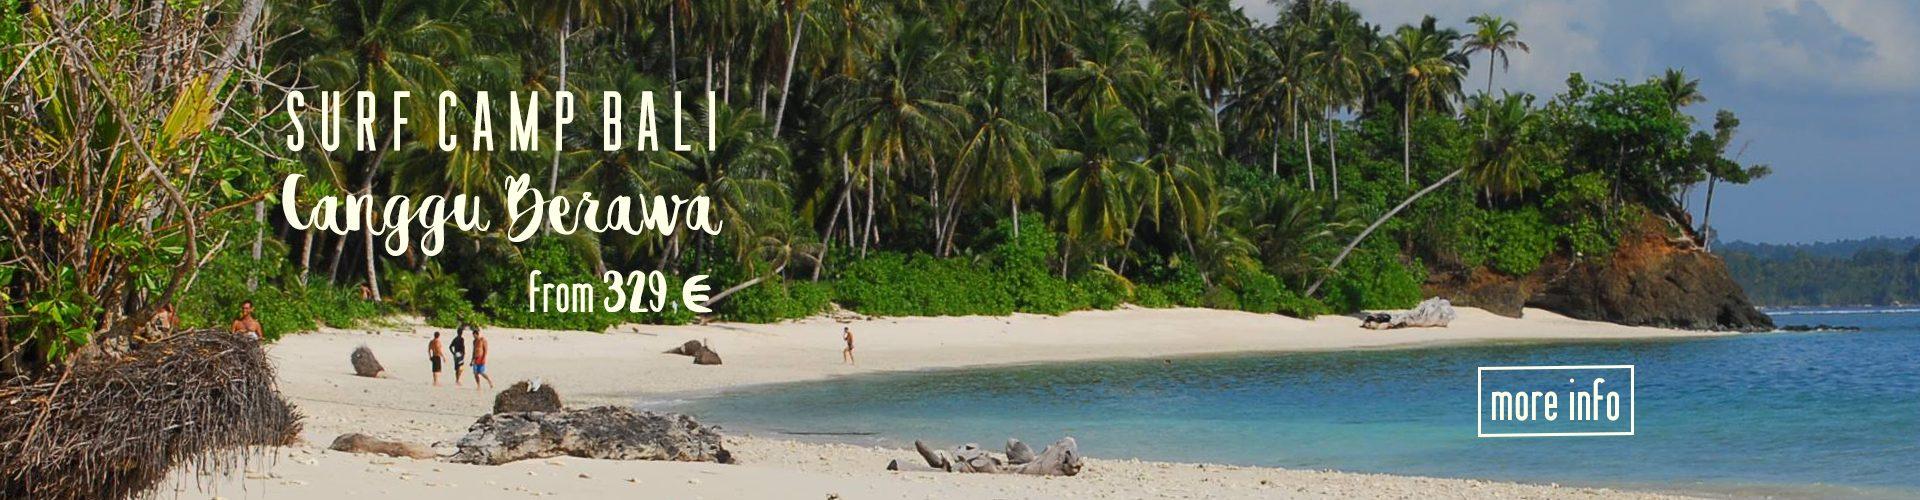 Surf Camp Bali